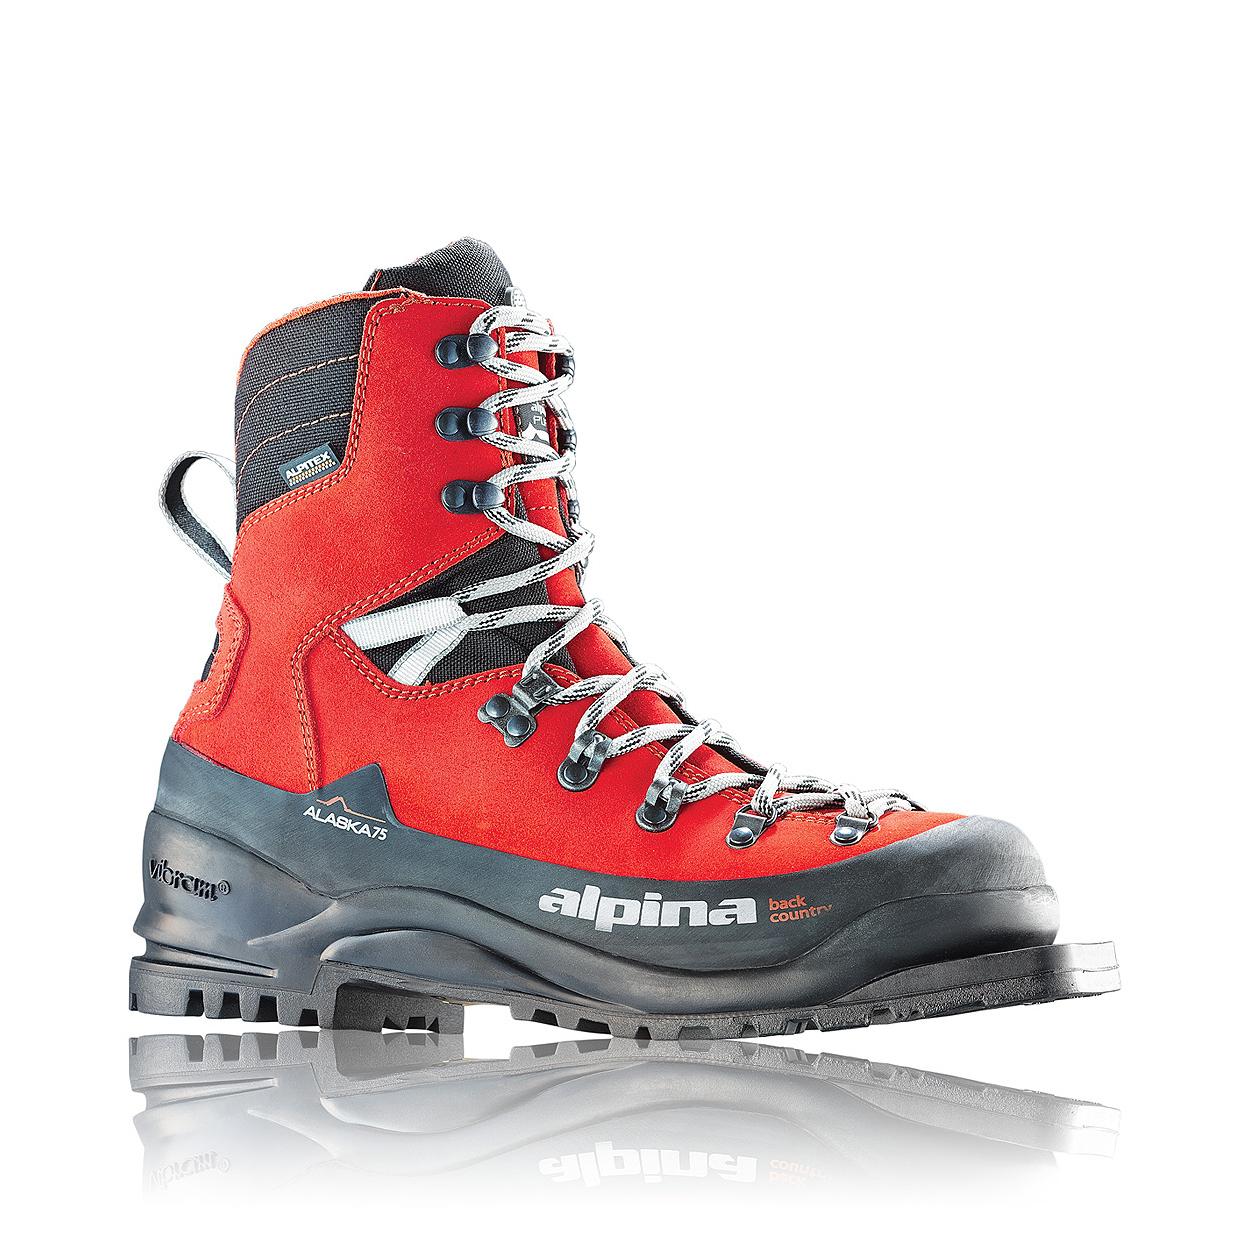 Image of Alaska 75mm Ski boot